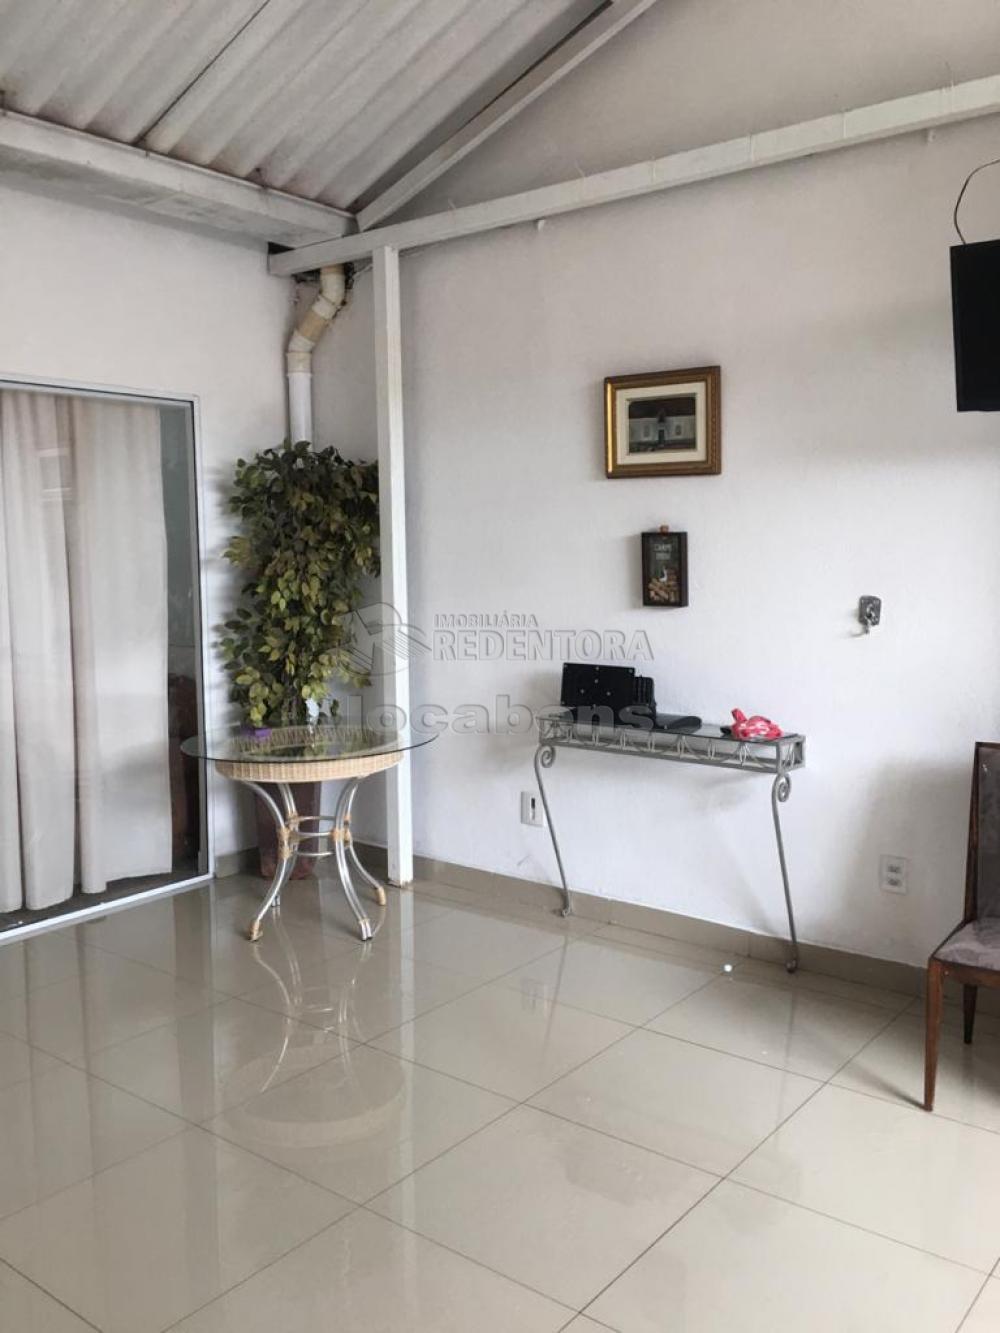 Alugar Casa / Condomínio em São José do Rio Preto R$ 1.400,00 - Foto 4